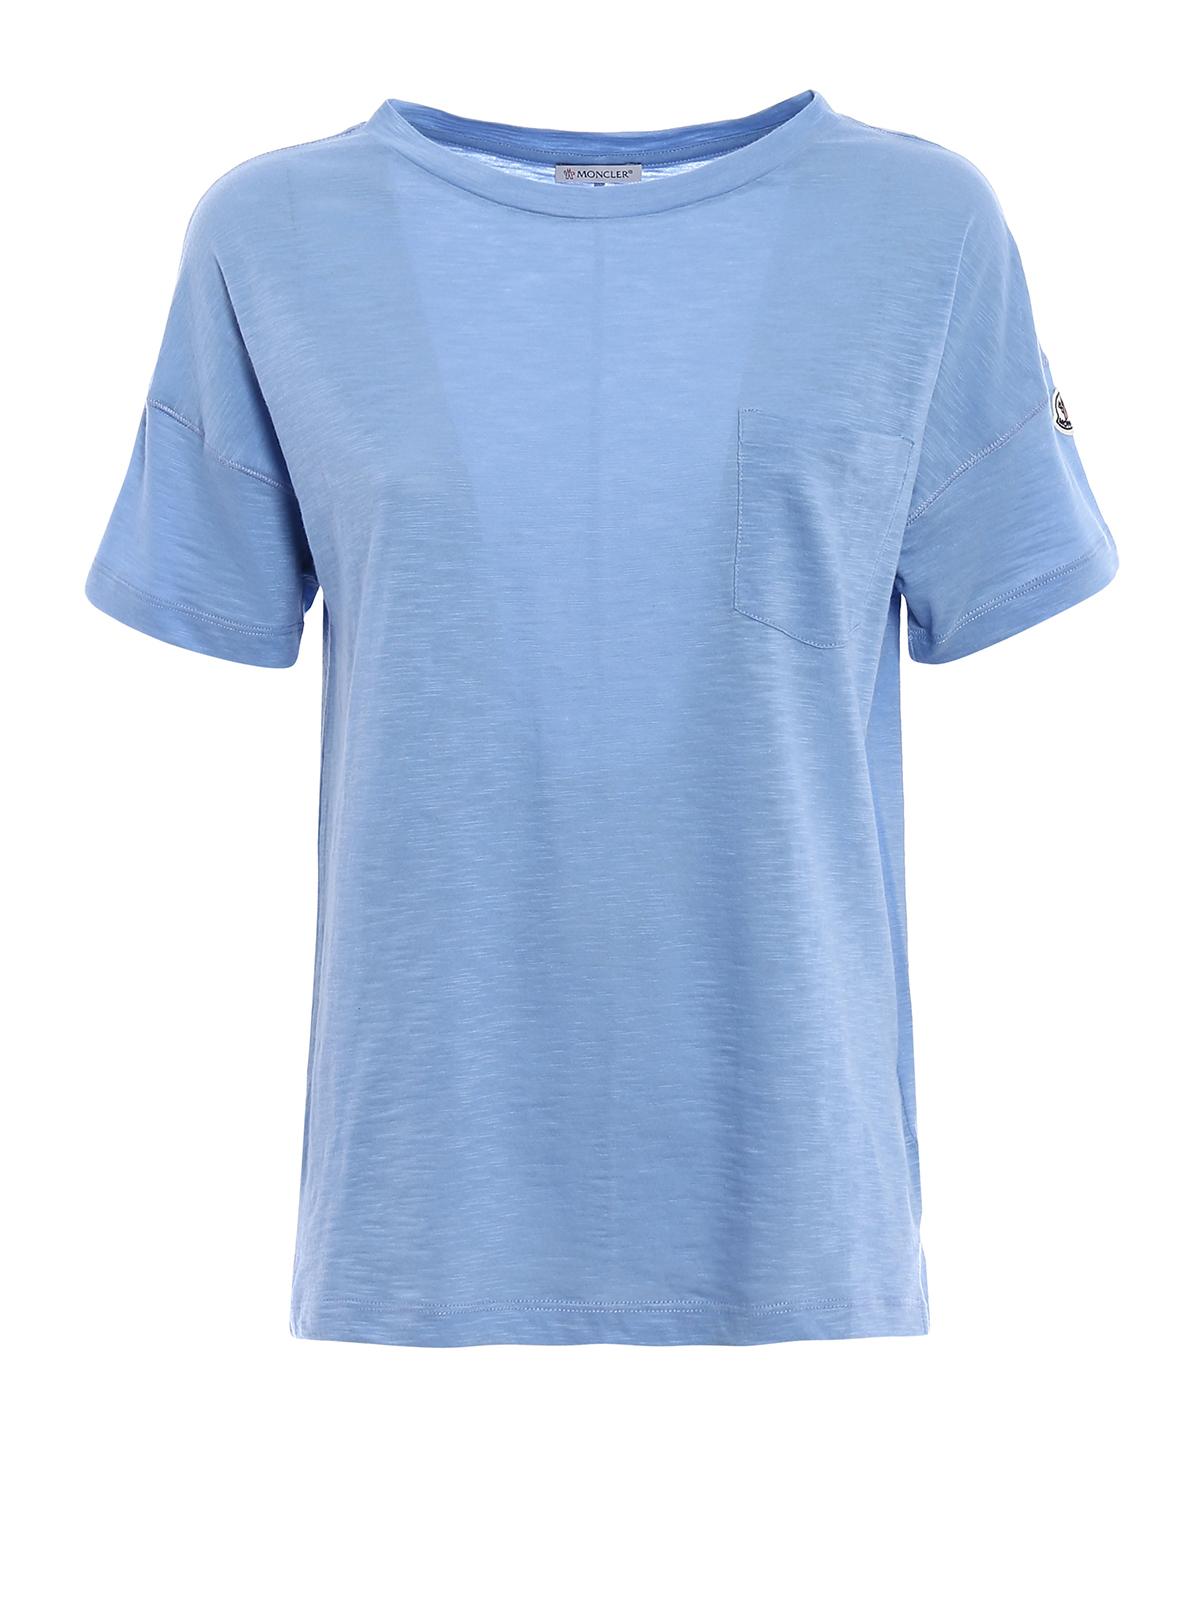 MONCLER: t-shirts - Light blue cotton jersey T-shirt